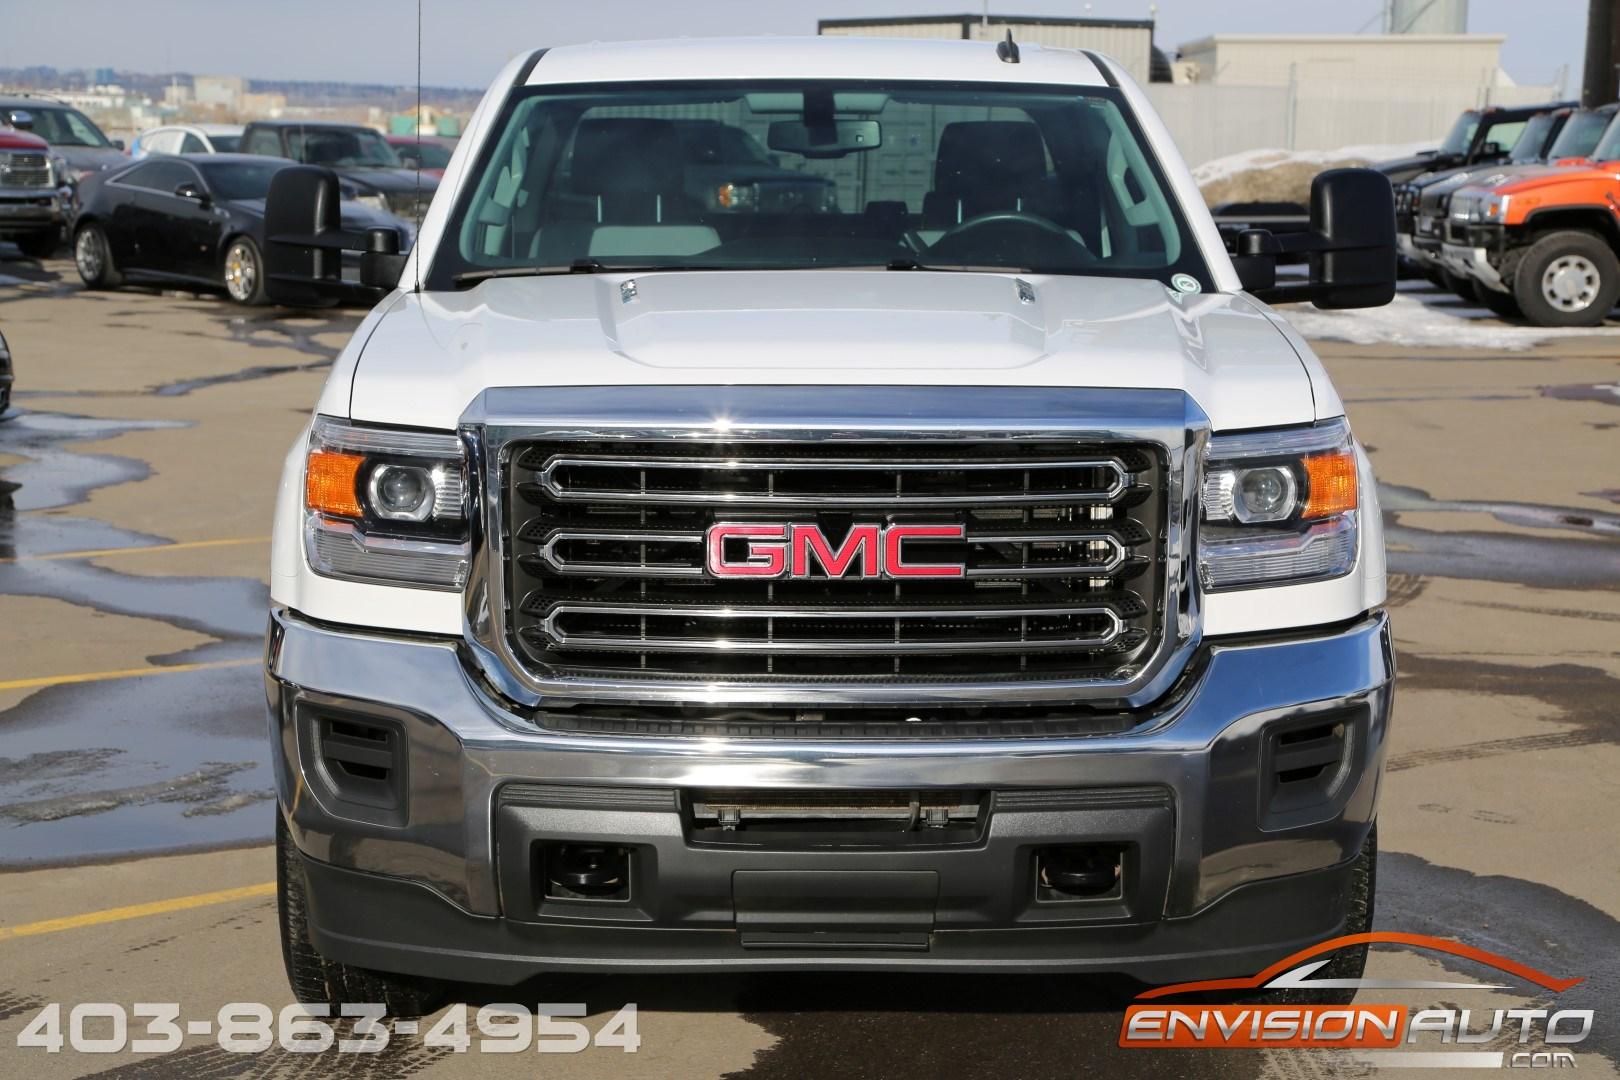 2015 Gmc Sierra 2500hd Crew 4 215 4 6 6l Duramax Envision Auto